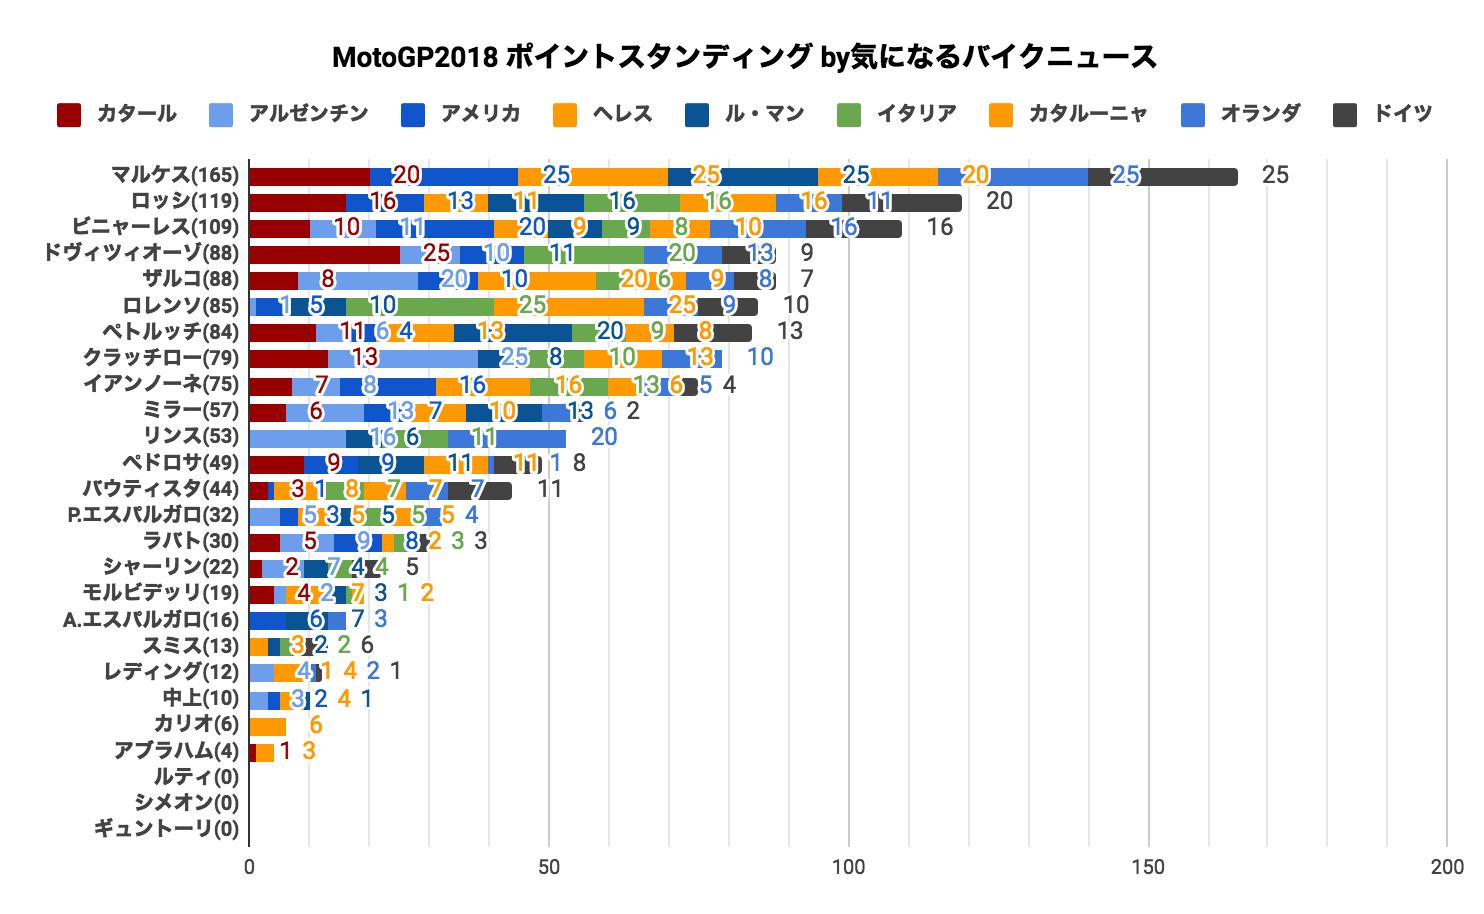 ★MotoGP2018 ポイントスタンディング(2018/07/15時点)